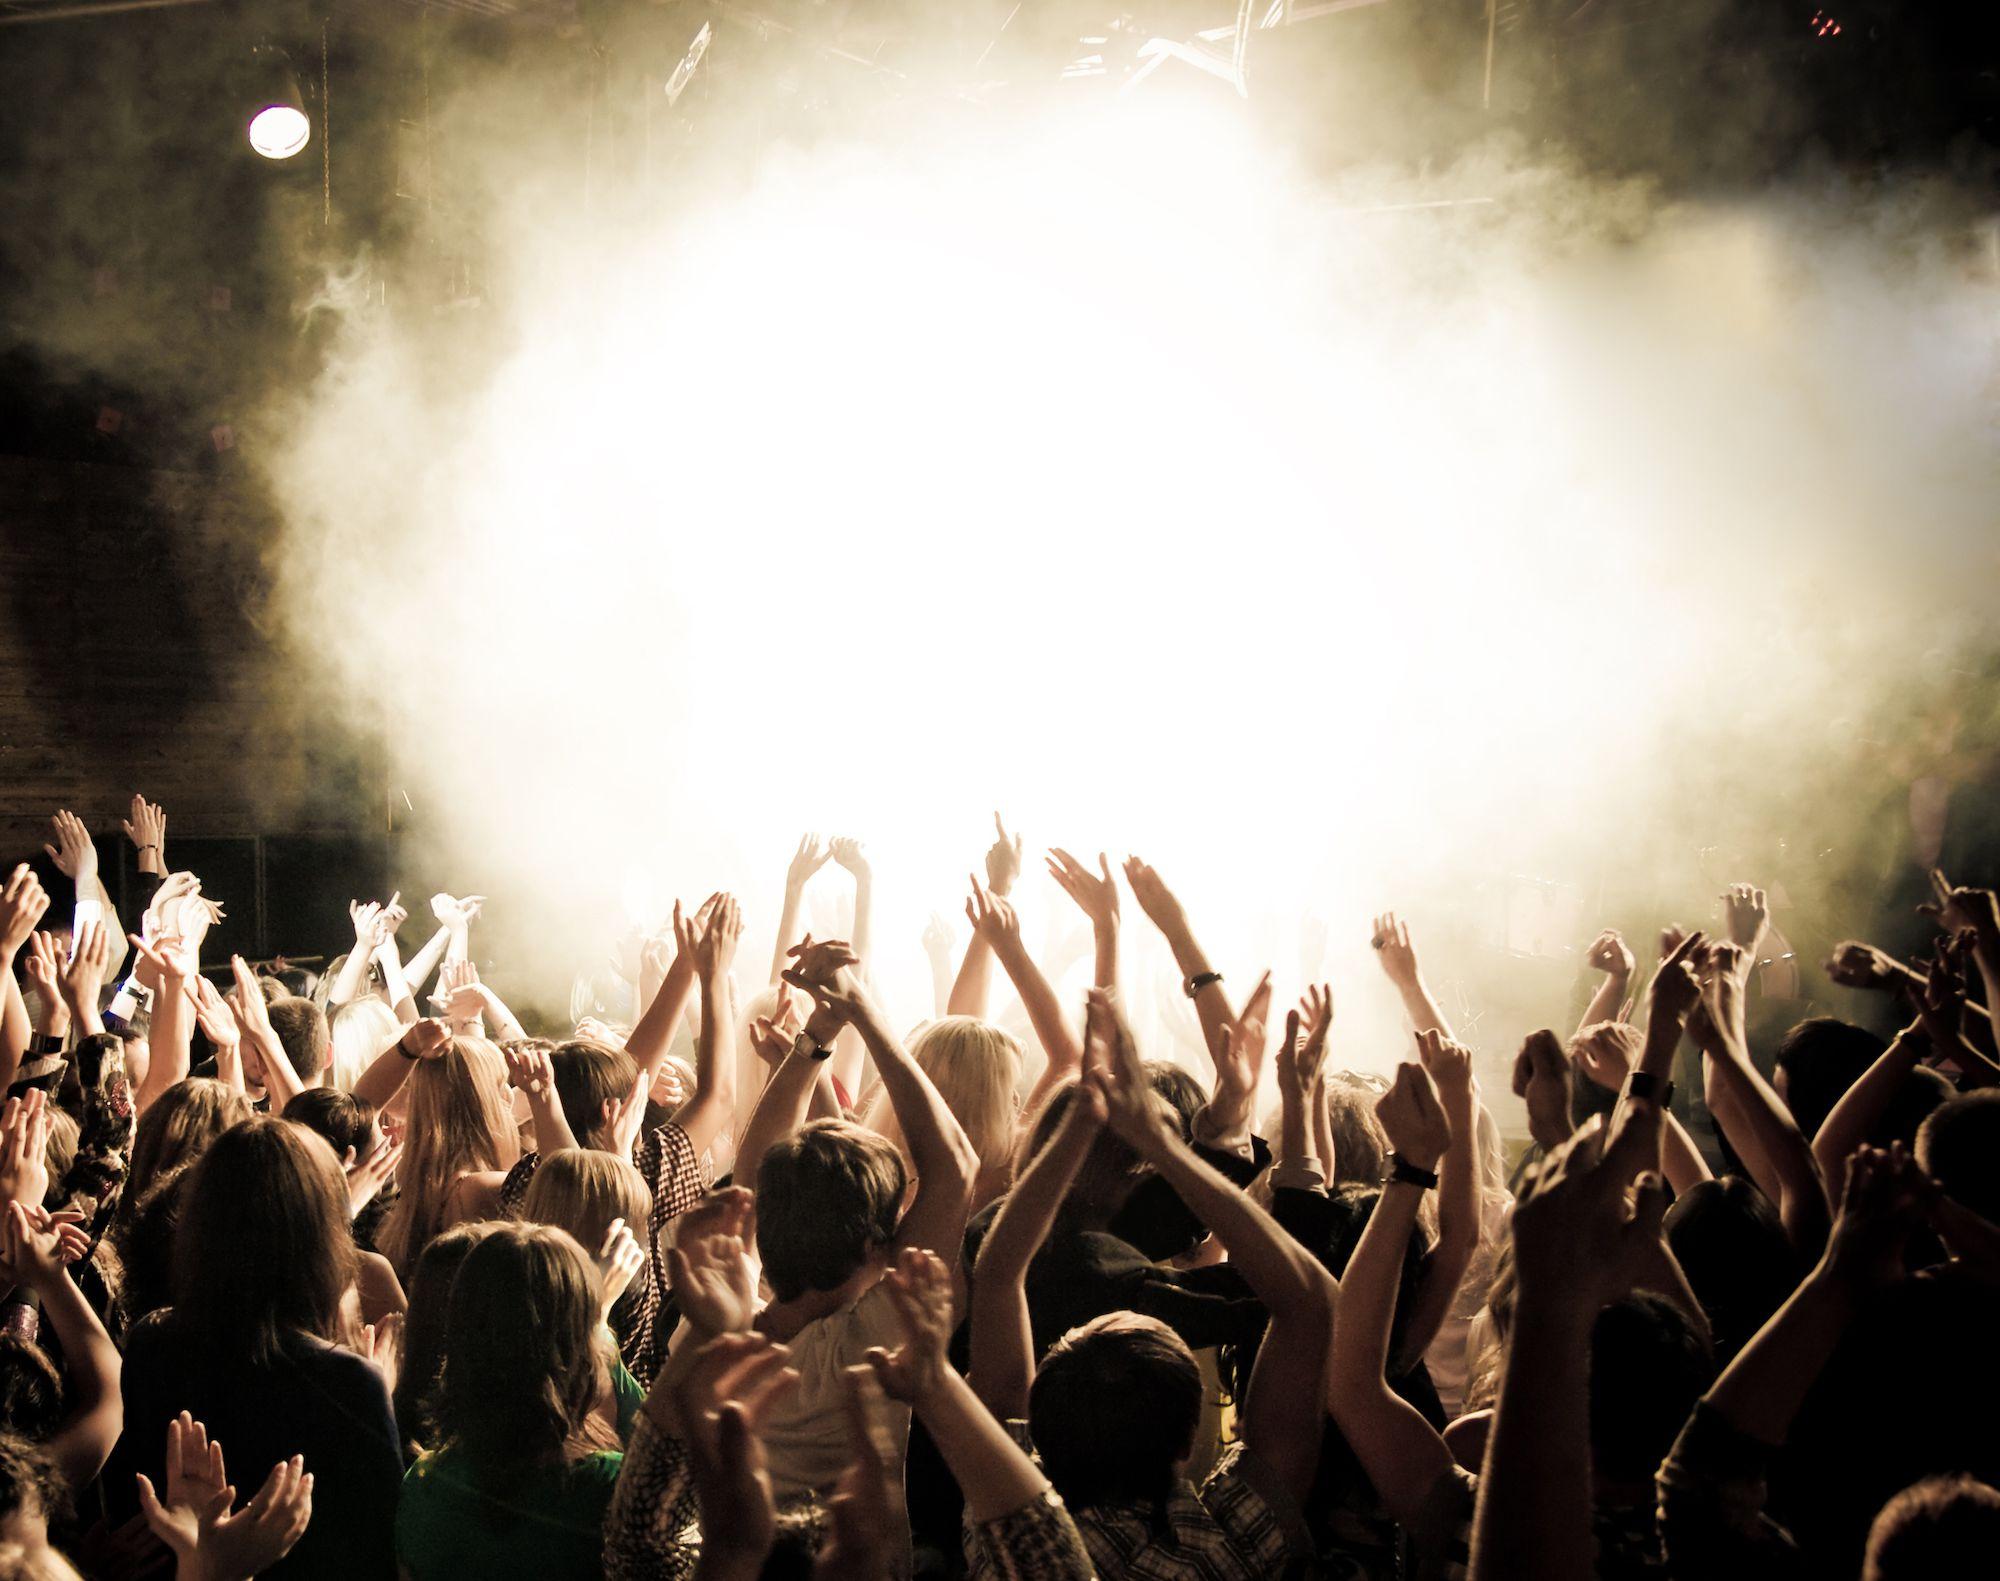 Publiek concert